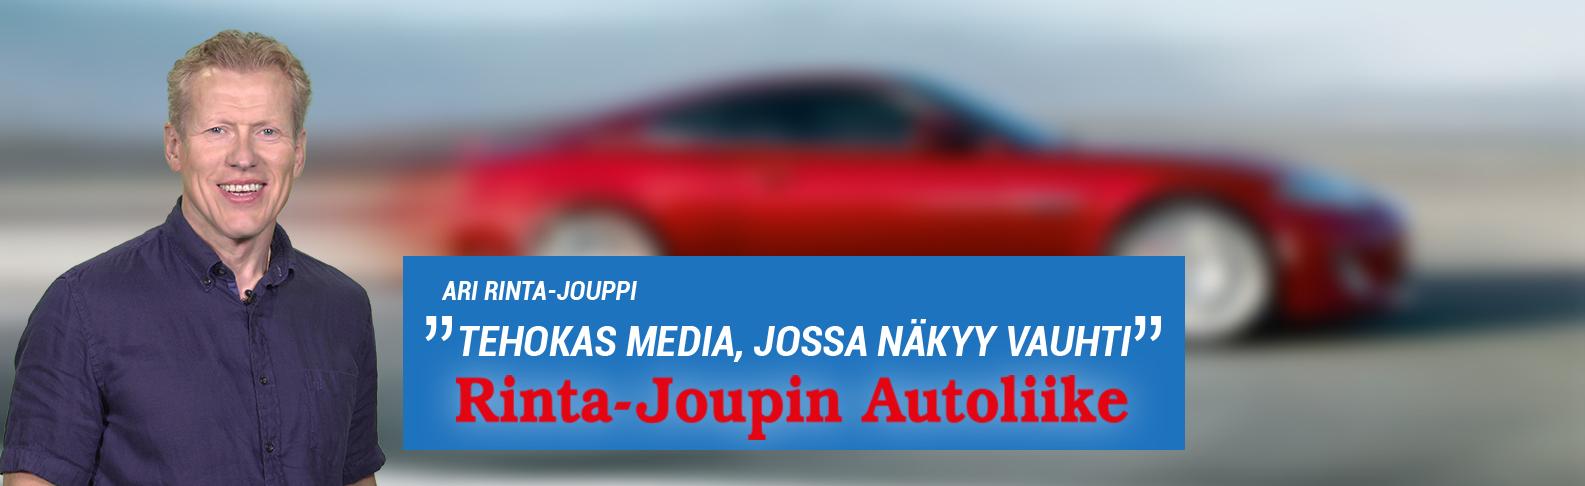 Rinta-Joupin Autoliike